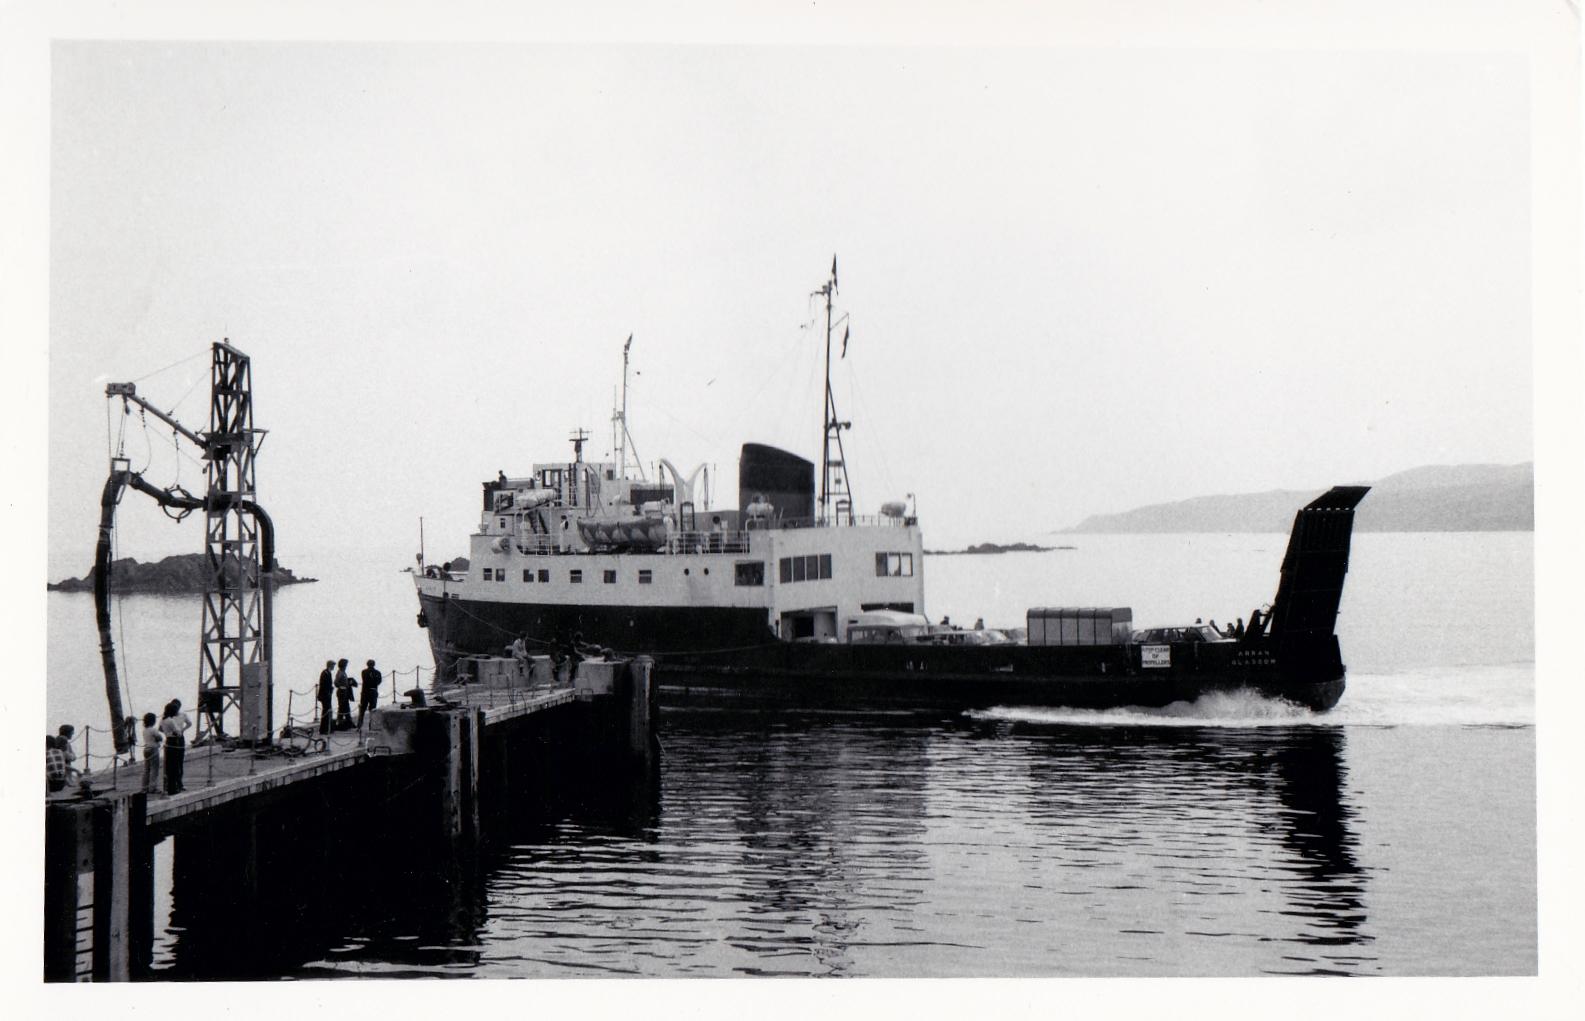 Arran arriving at Port Ellen